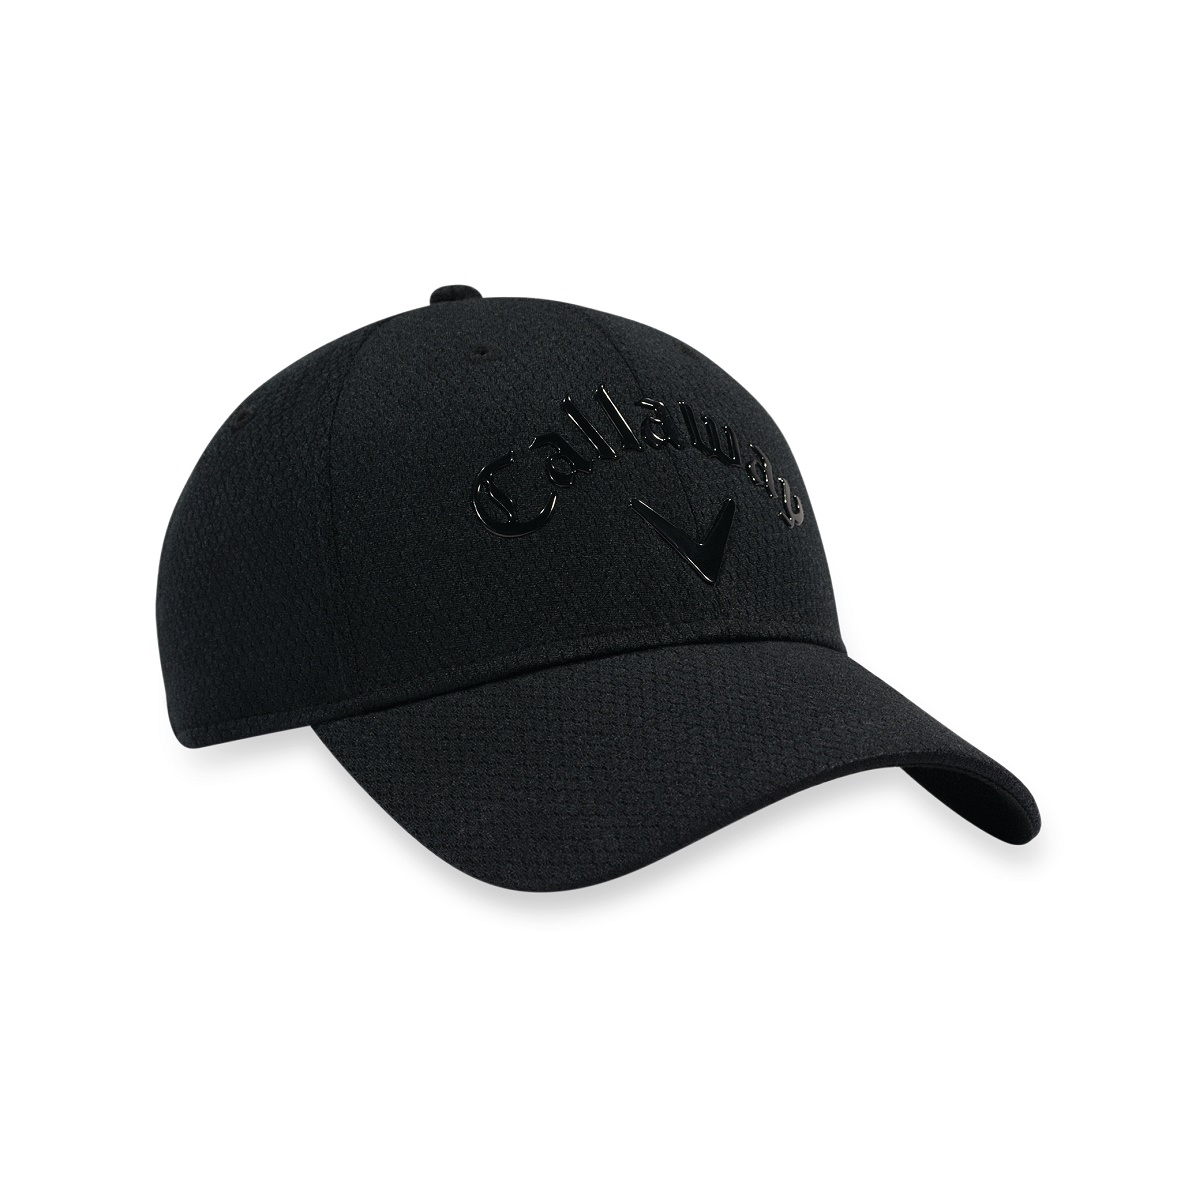 b0de81e1517 Shop Callaway 2017 Liquid Metal Adjustable Golf Hat